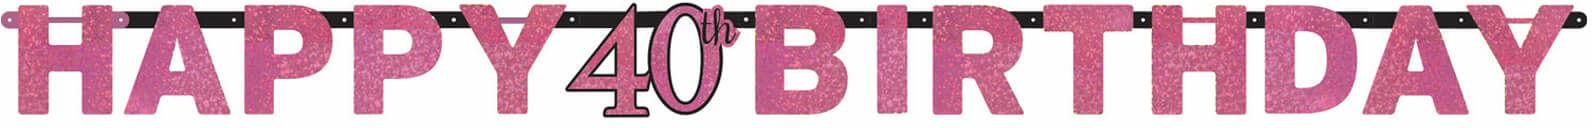 Baner Happy Birthday na czterdziestkę różowy - 213 cm - 1 szt.